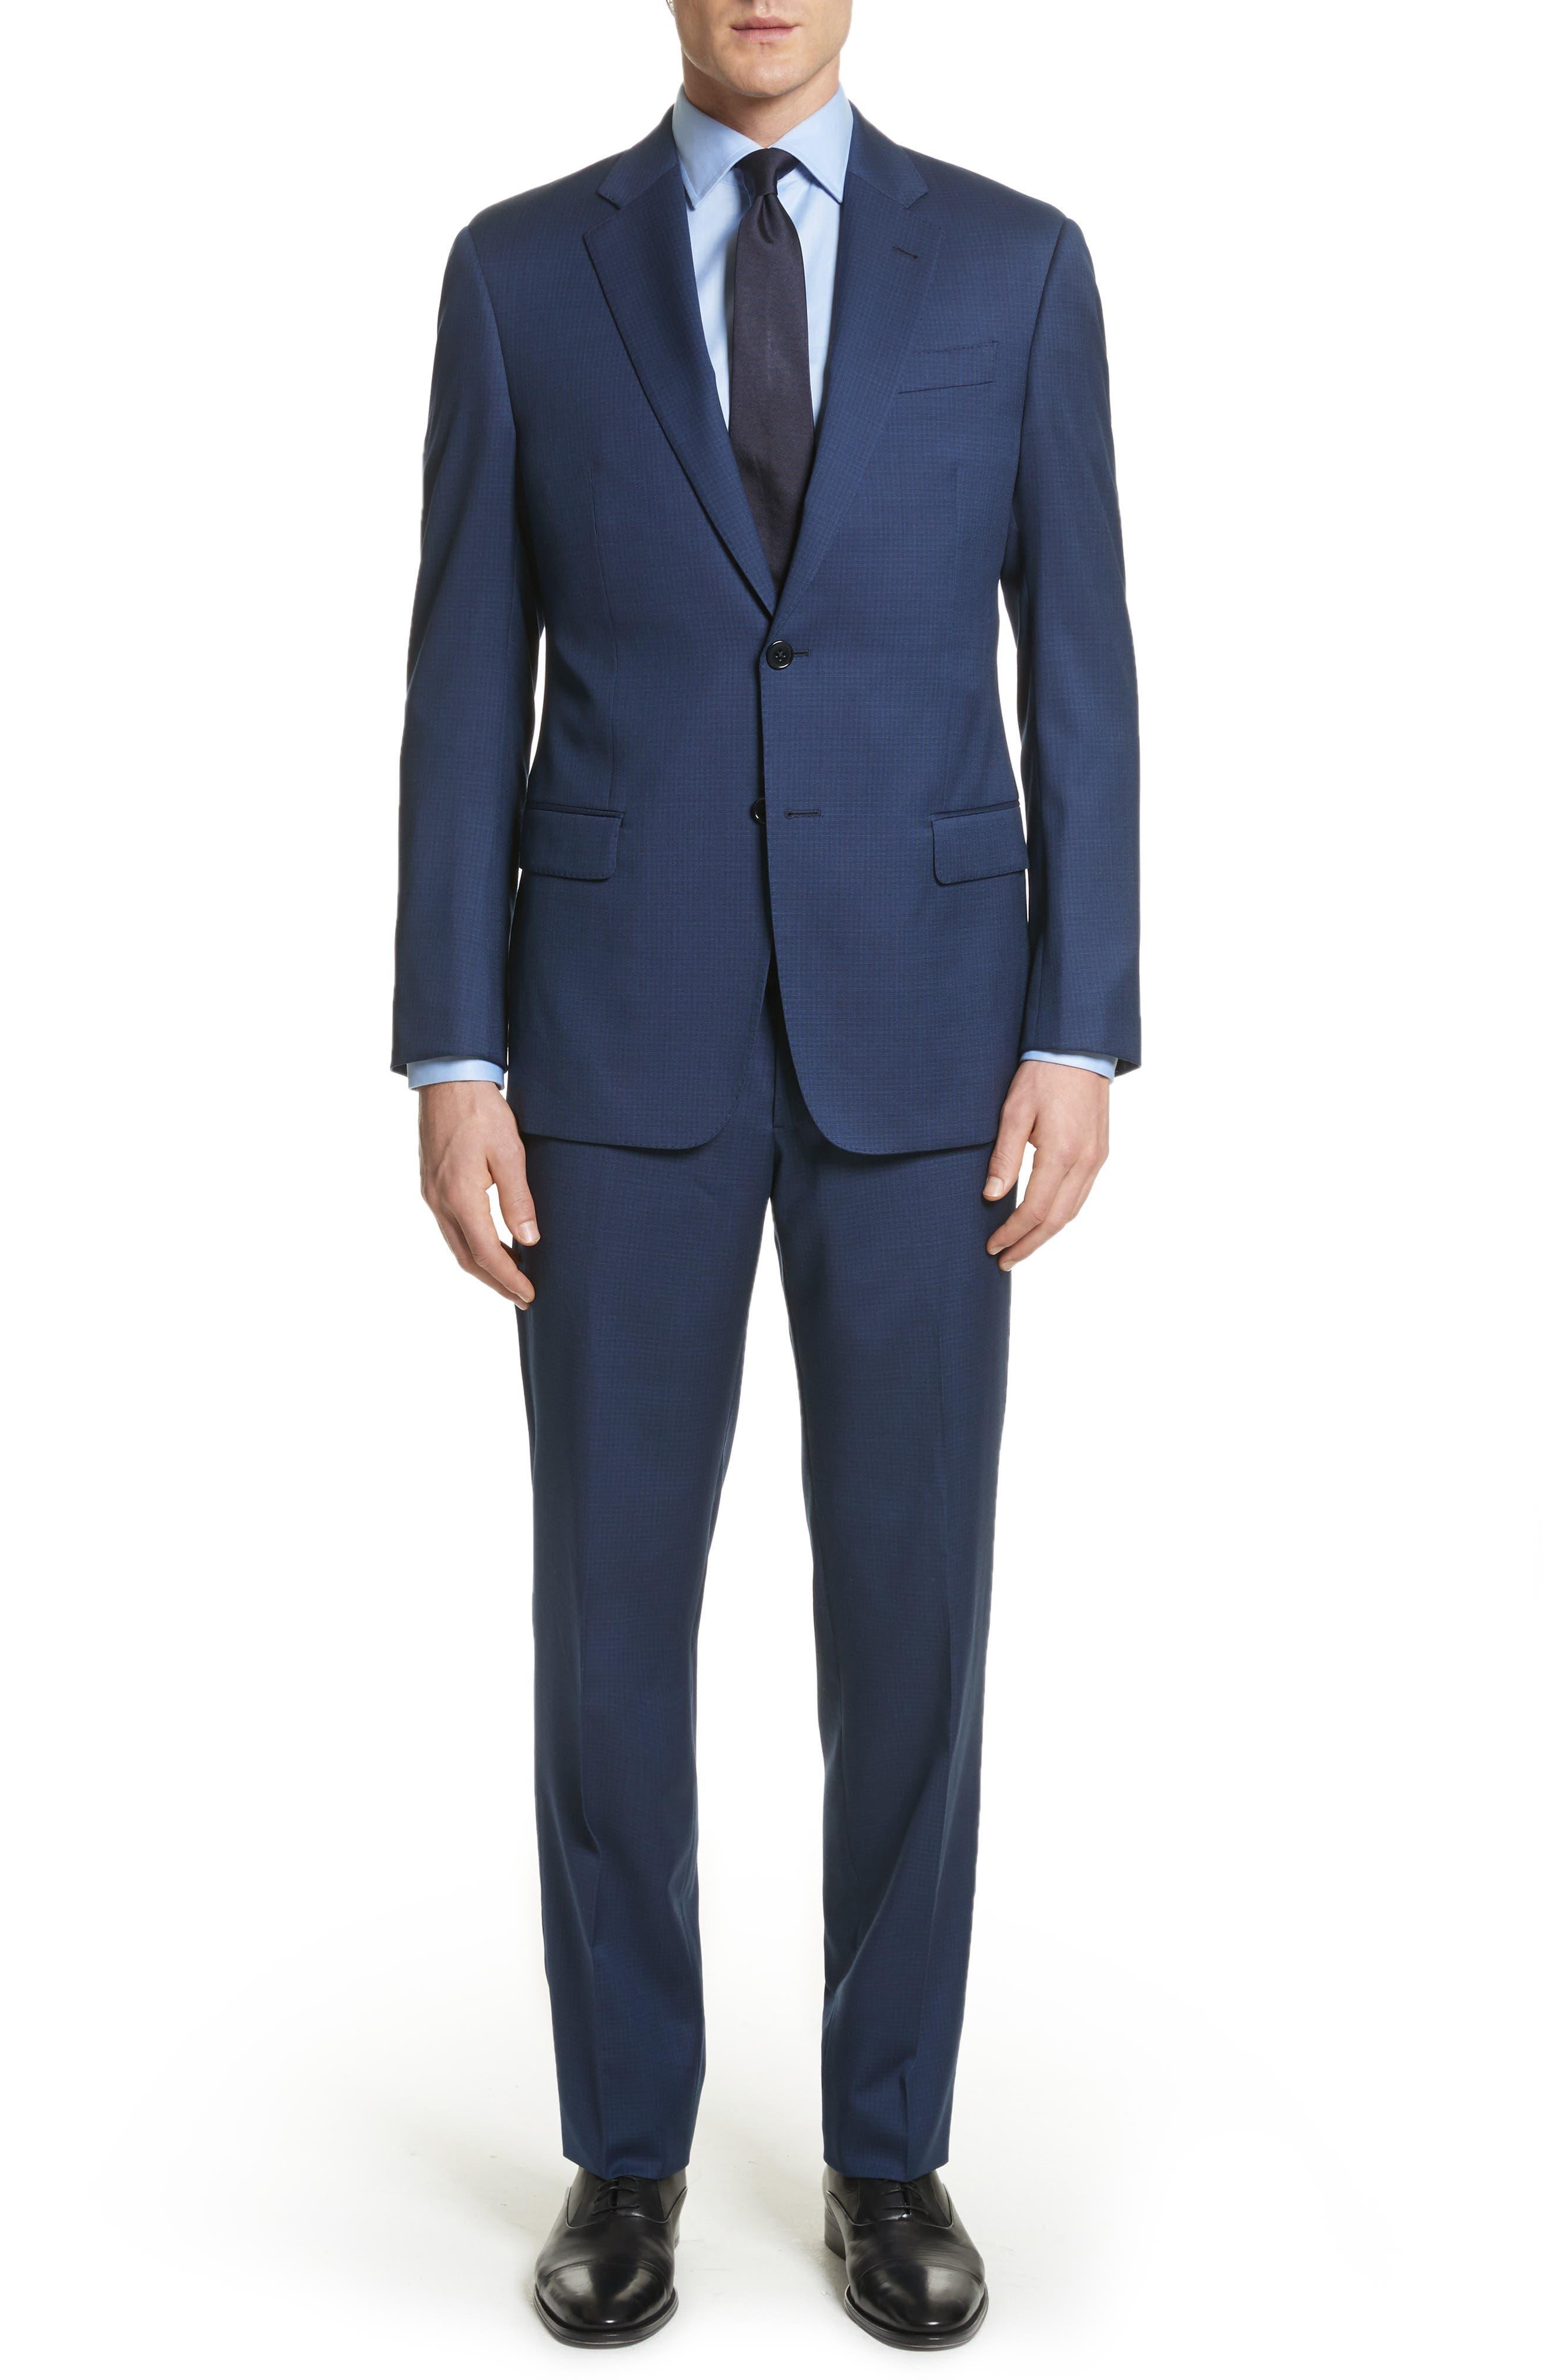 G Line Trim Fit Check Wool Suit,                             Main thumbnail 1, color,                             410